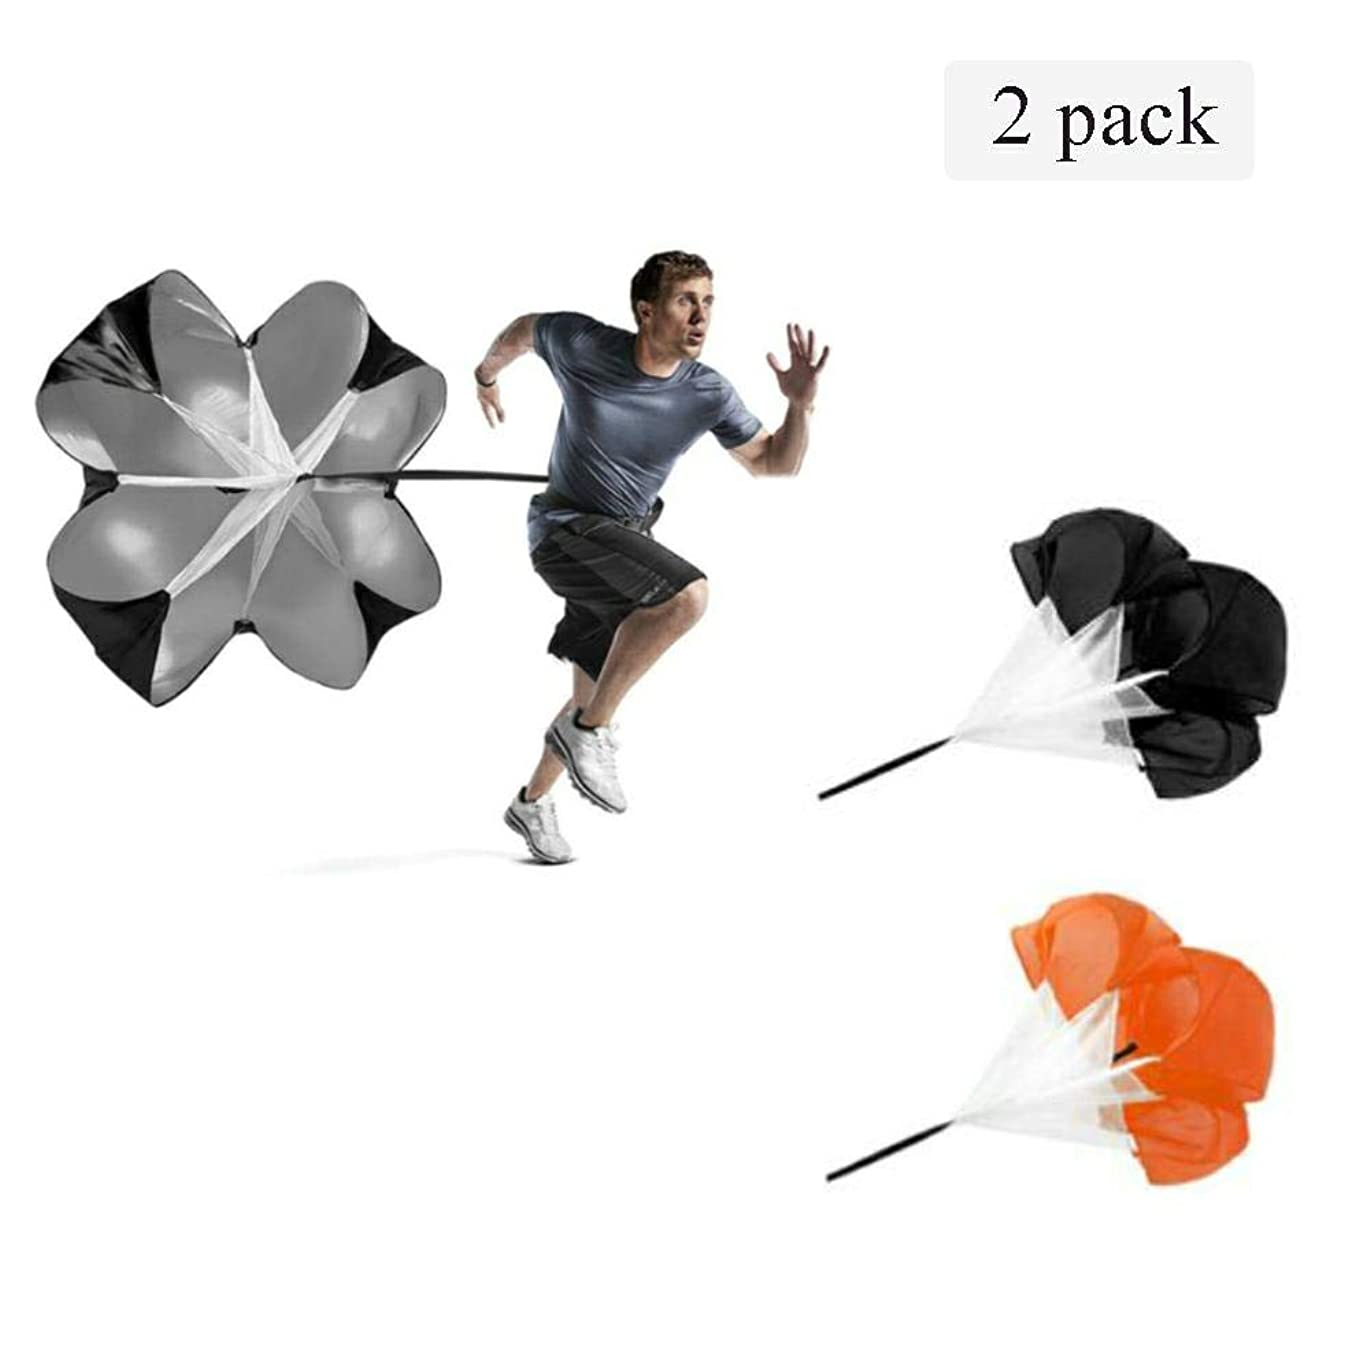 賢明なラケットトランザクション抵抗傘パラシュート子供や大人に適した高パルス速度と耐久性アジャイルスピードトレーニングスライド移動